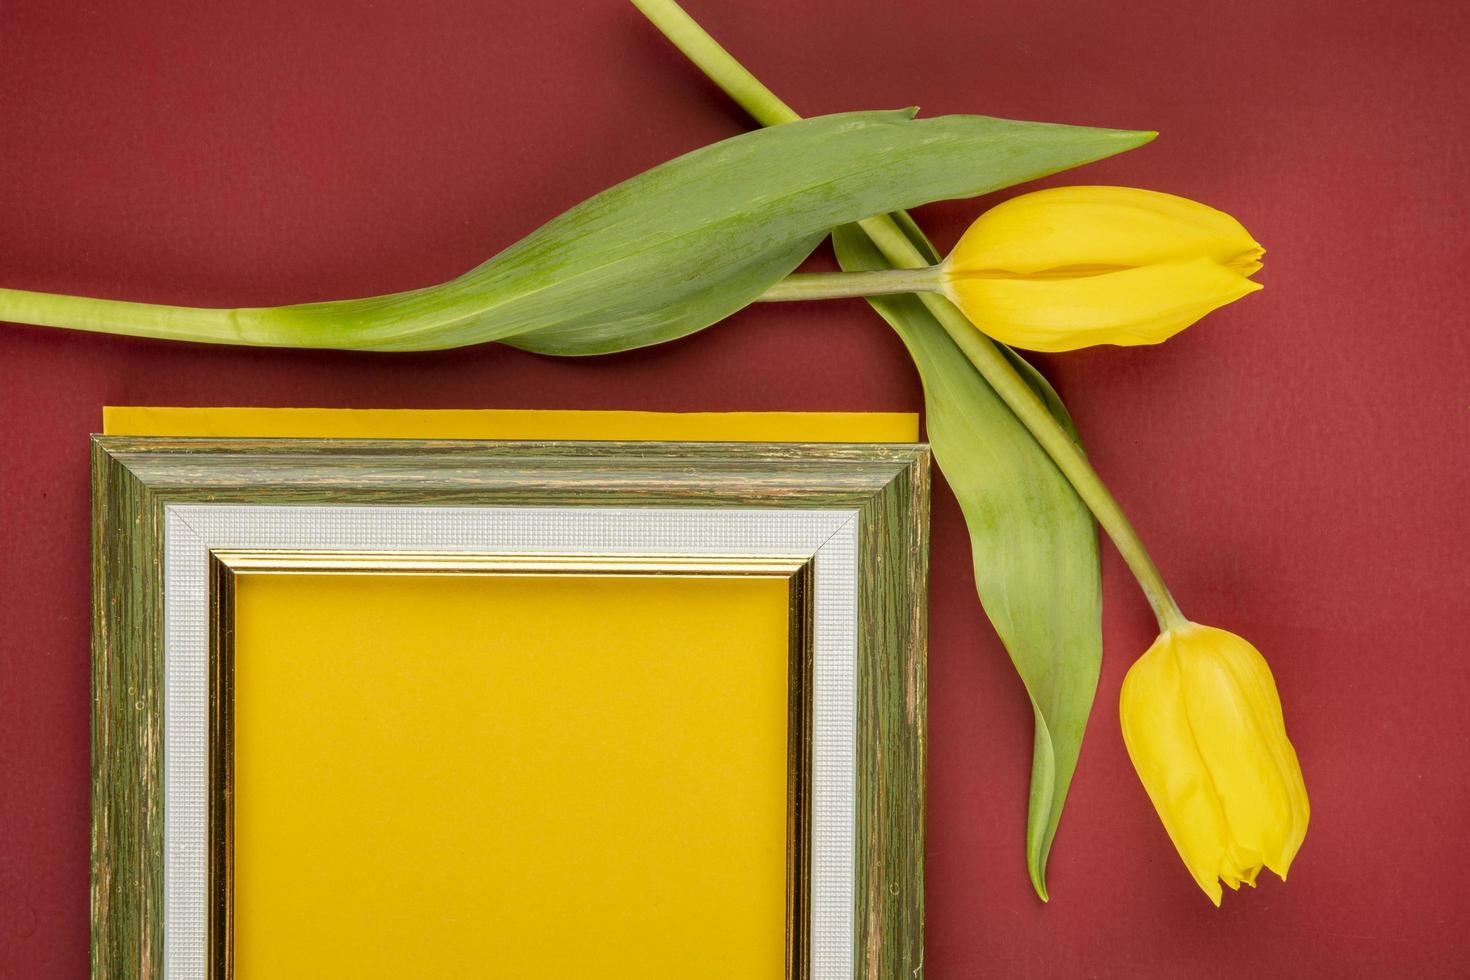 Vue de dessus d'un cadre photo vide avec des tulipes jaunes sur fond rouge